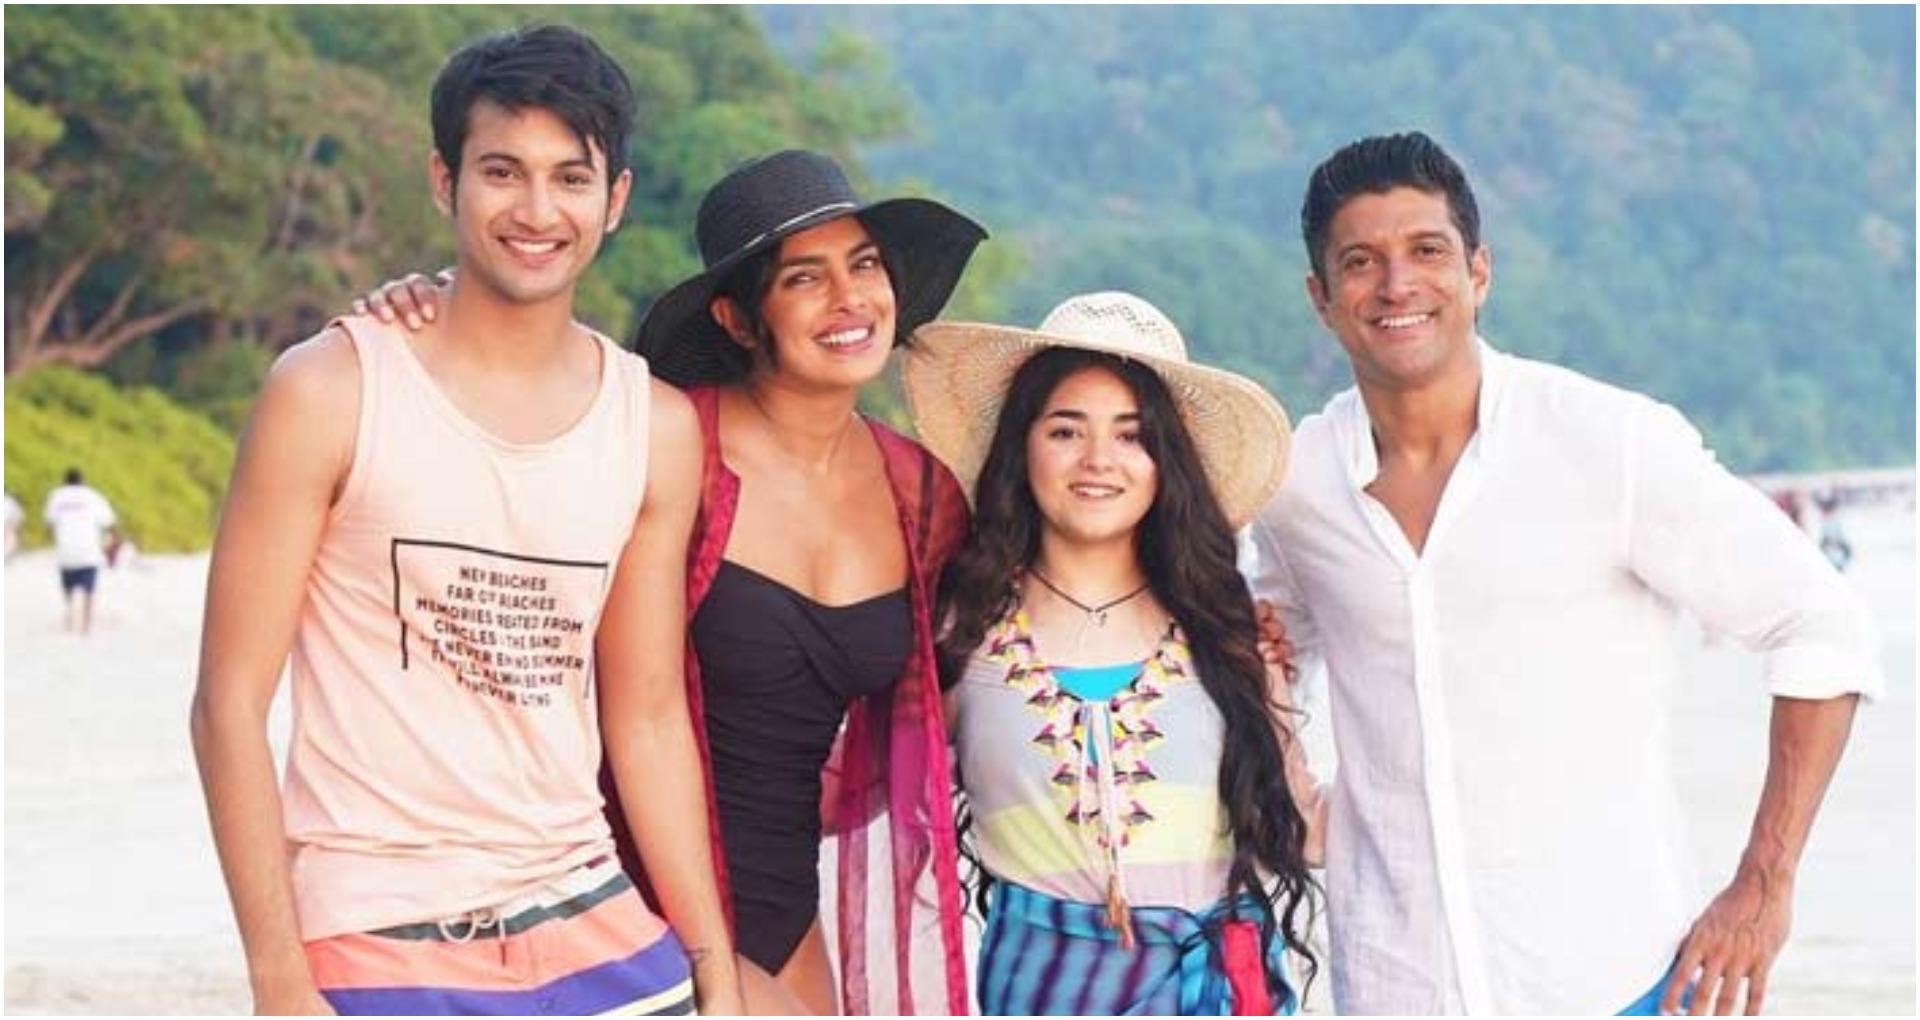 The Sky Is Pink Movie Review: प्रियंका चोपड़ा ने फरहान अख्तर की ही फिल्म क्यों चुनी? बात समझ आ गई, आप भी जानिए